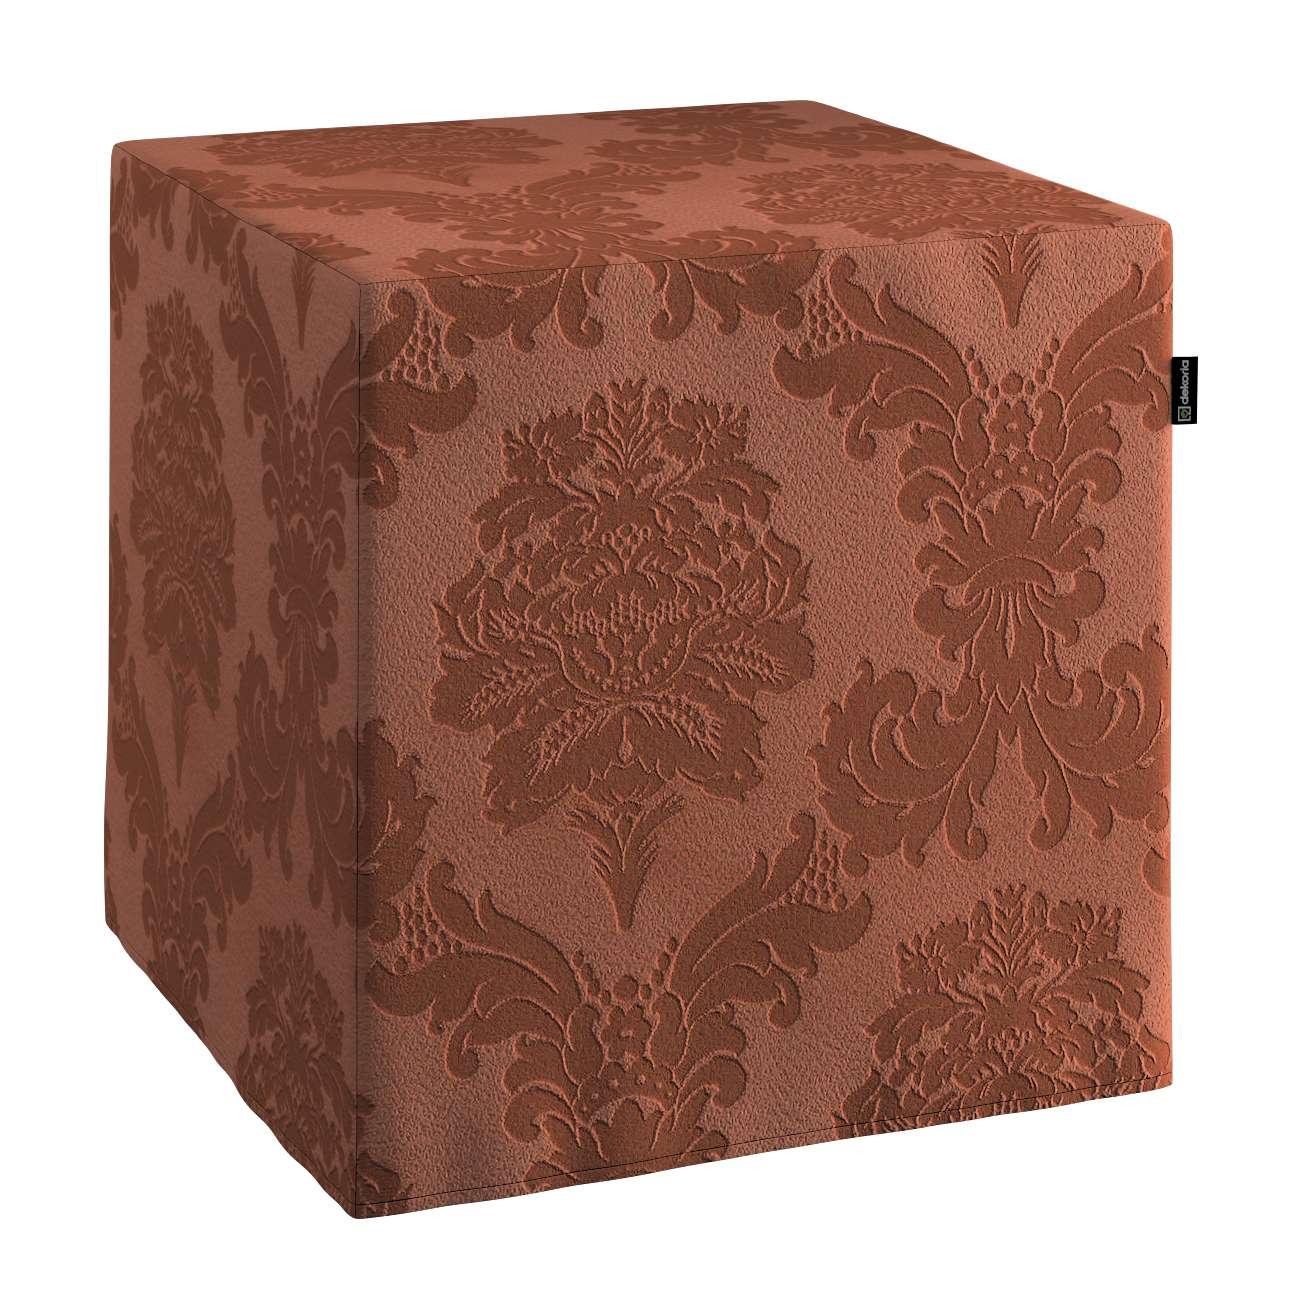 Pokrowiec na pufę kostke kostka 40x40x40 cm w kolekcji Damasco, tkanina: 613-88